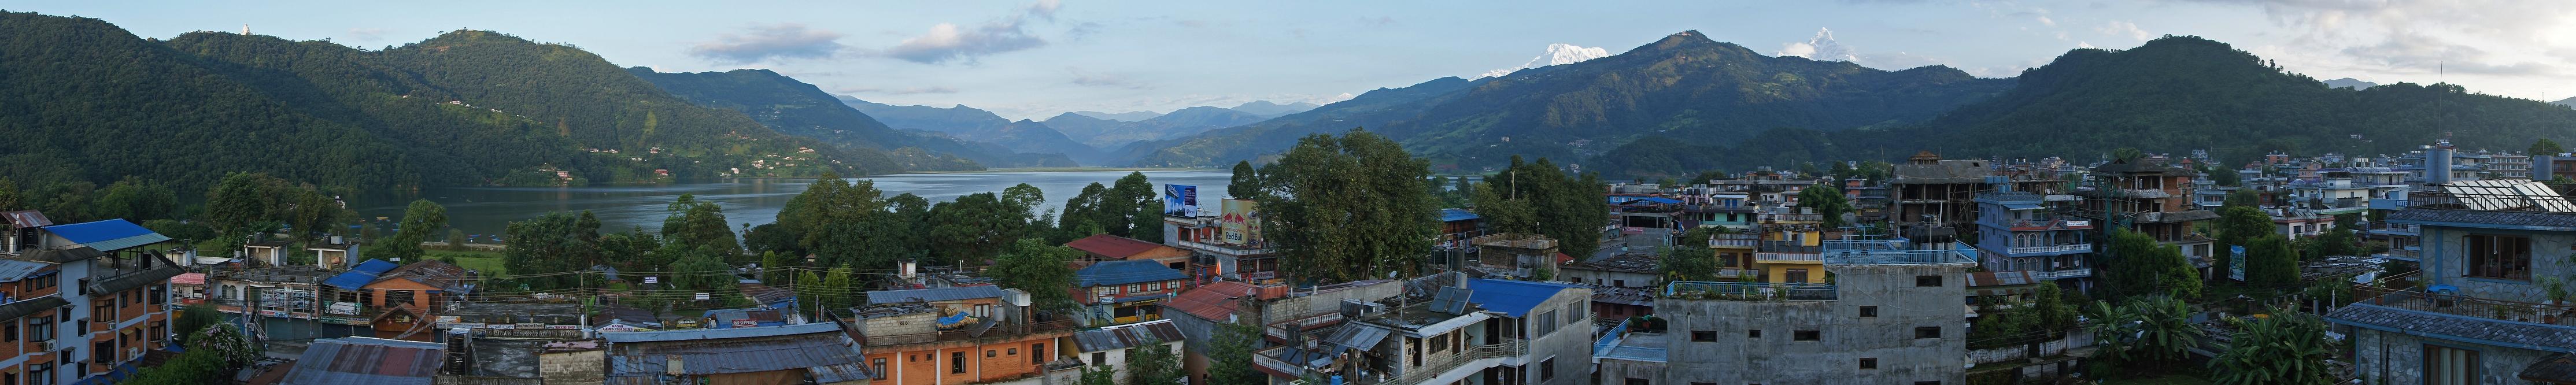 1003_Nepal_009